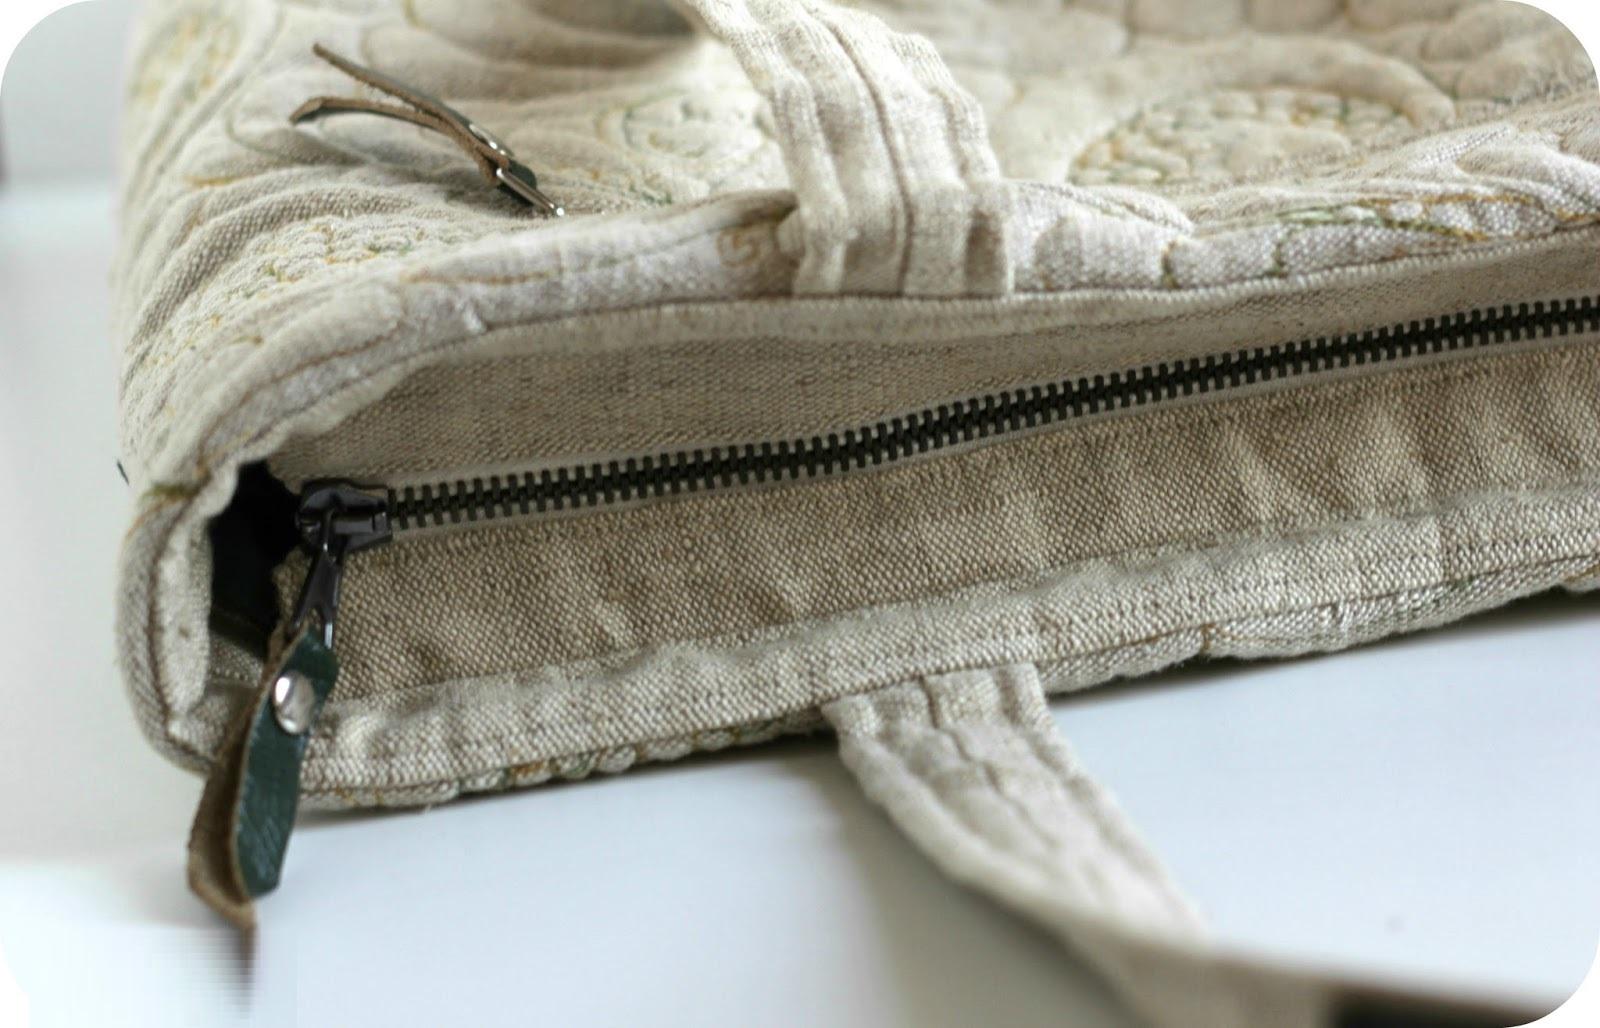 Как починить молнию на сумке: быстрый и простой способ?